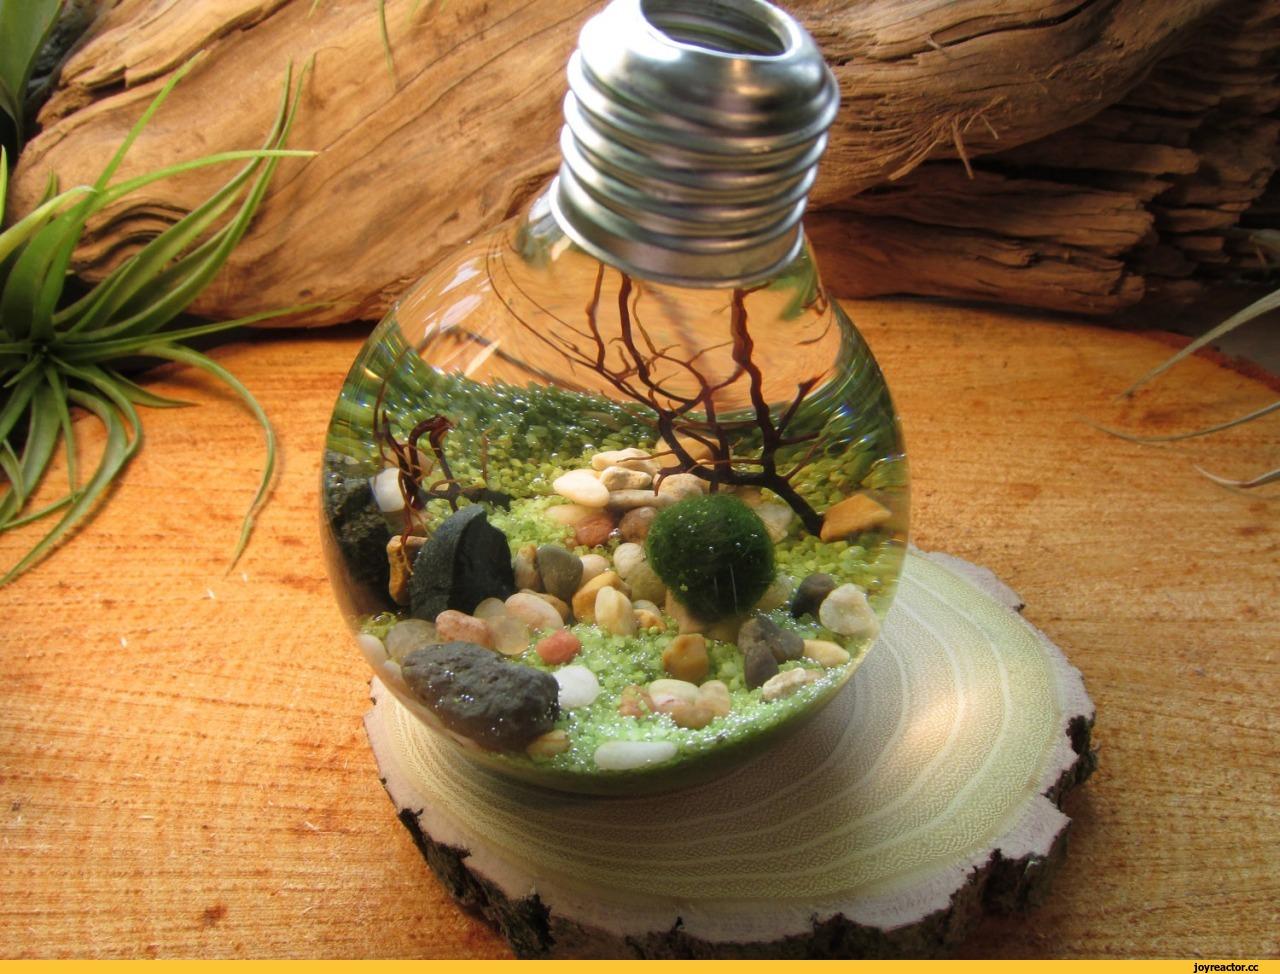 День земли, поделки, 22 апреля, экология, экологический, праздник 39